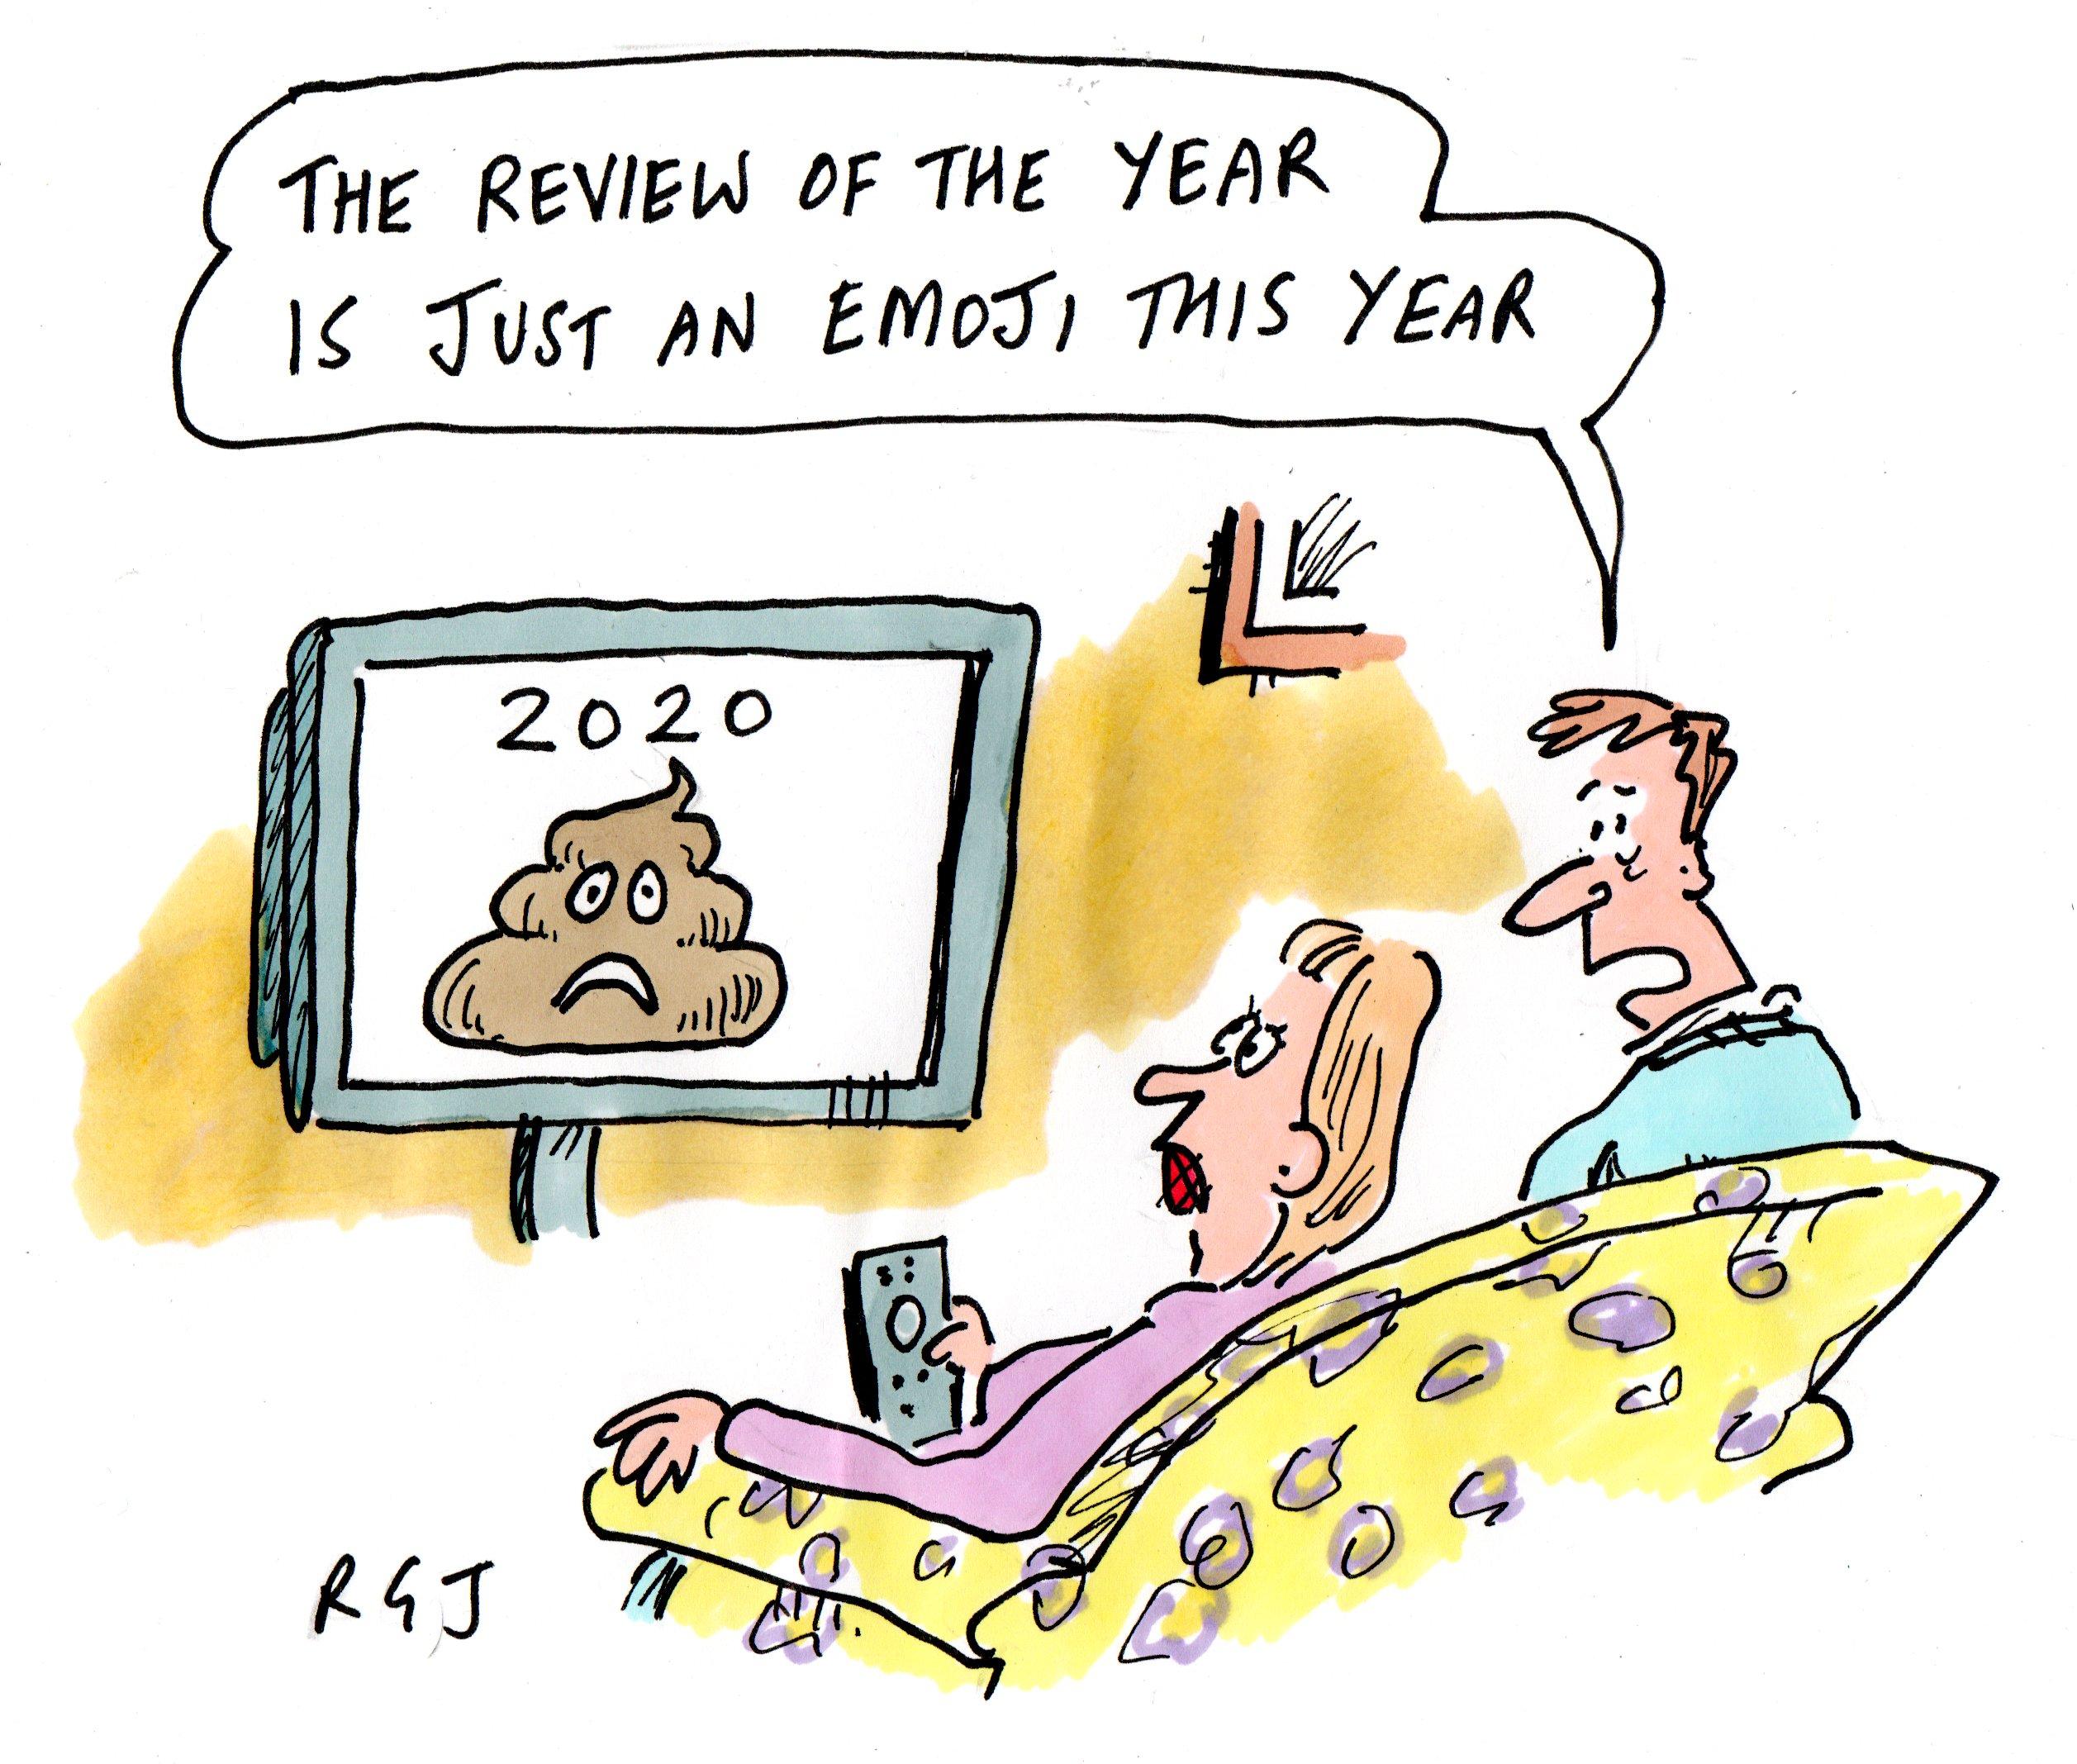 2020emojicolour